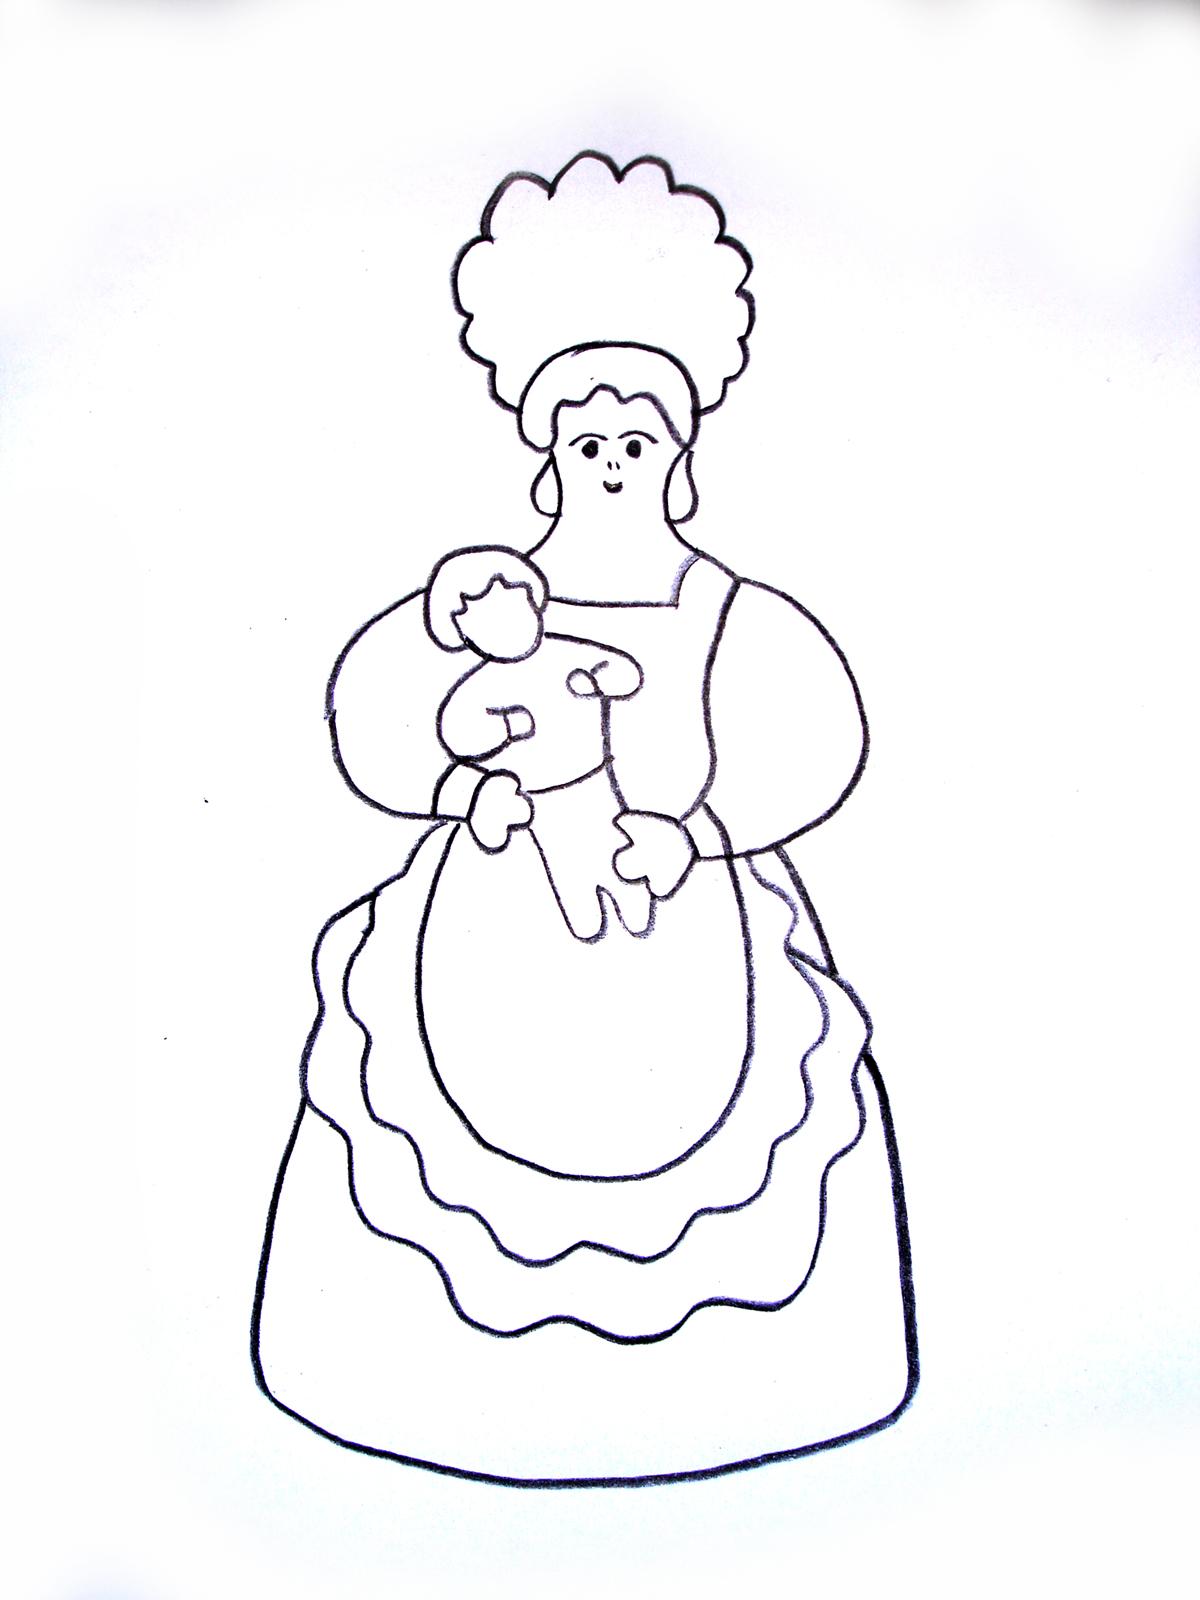 Петух раскраски для детей